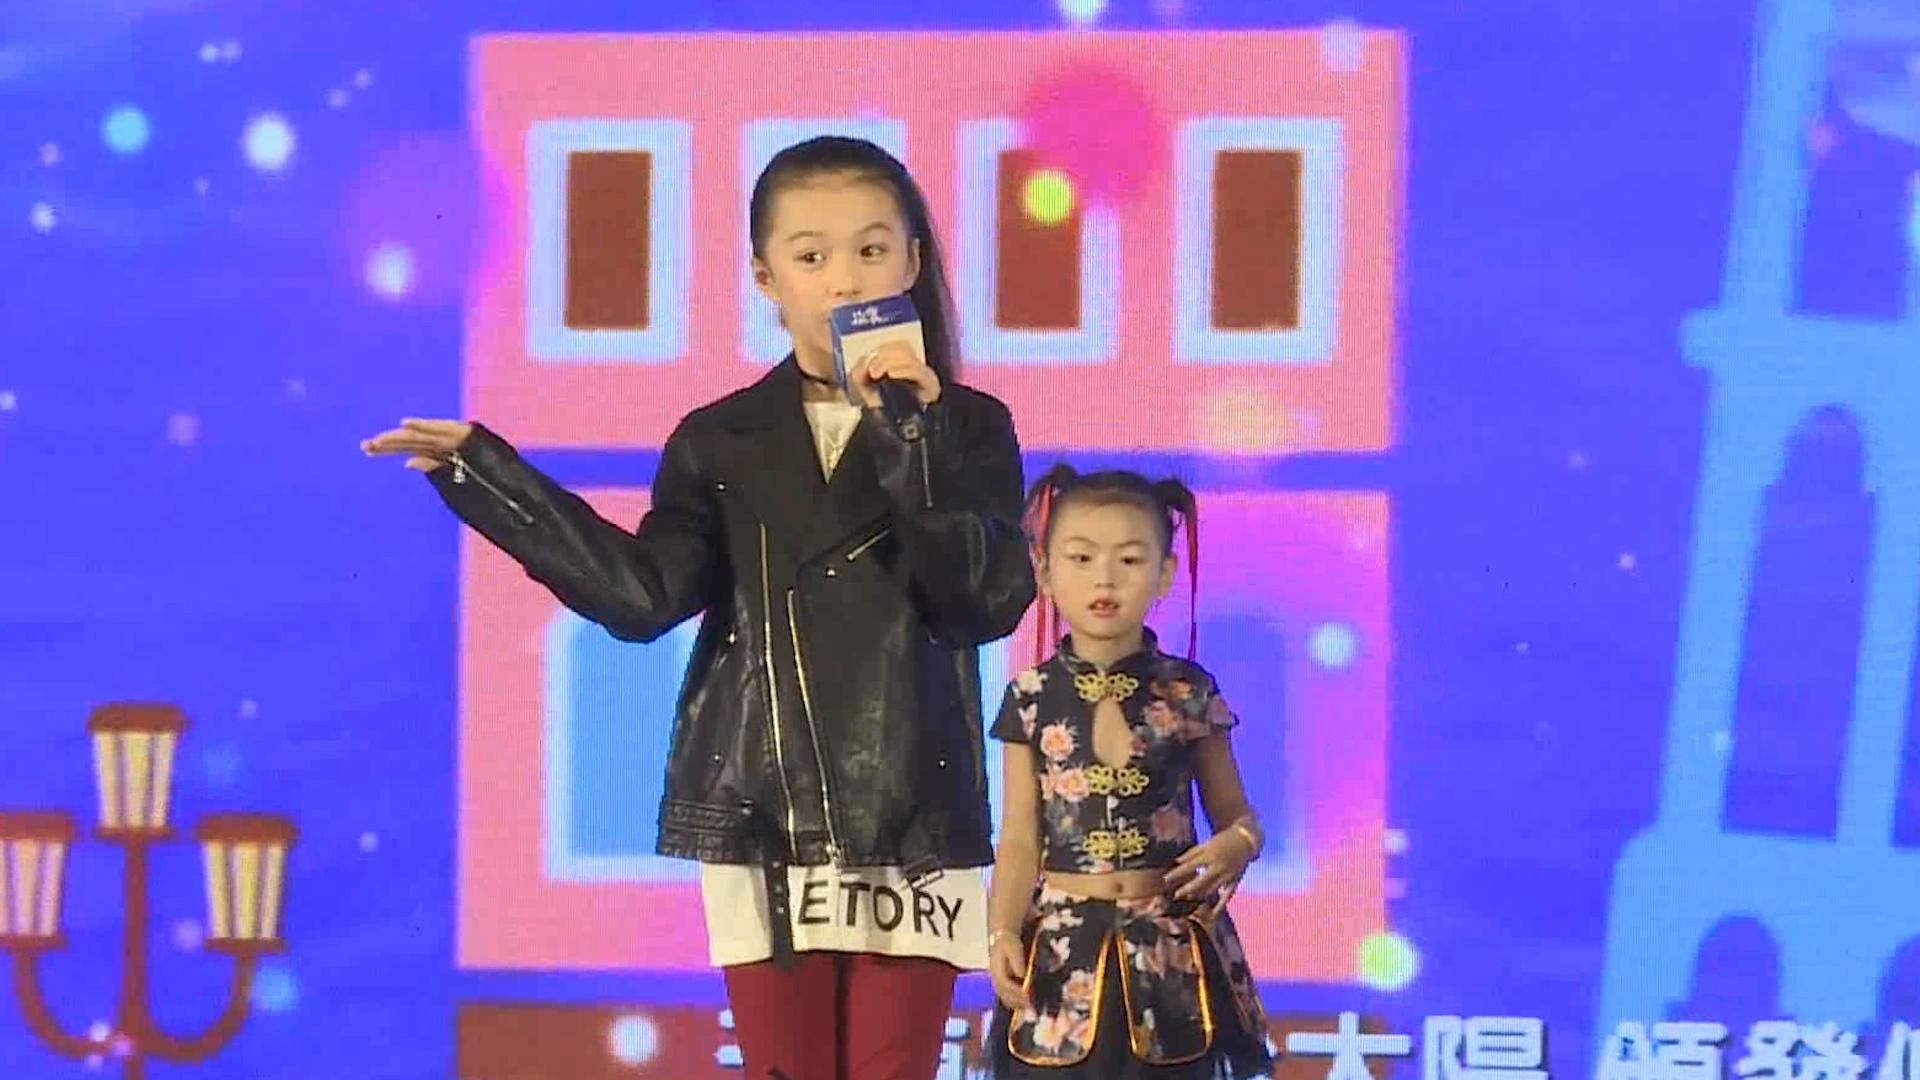 儿童优先·幸福公益高峰论坛|儿童公益演唱《宝贝优先》